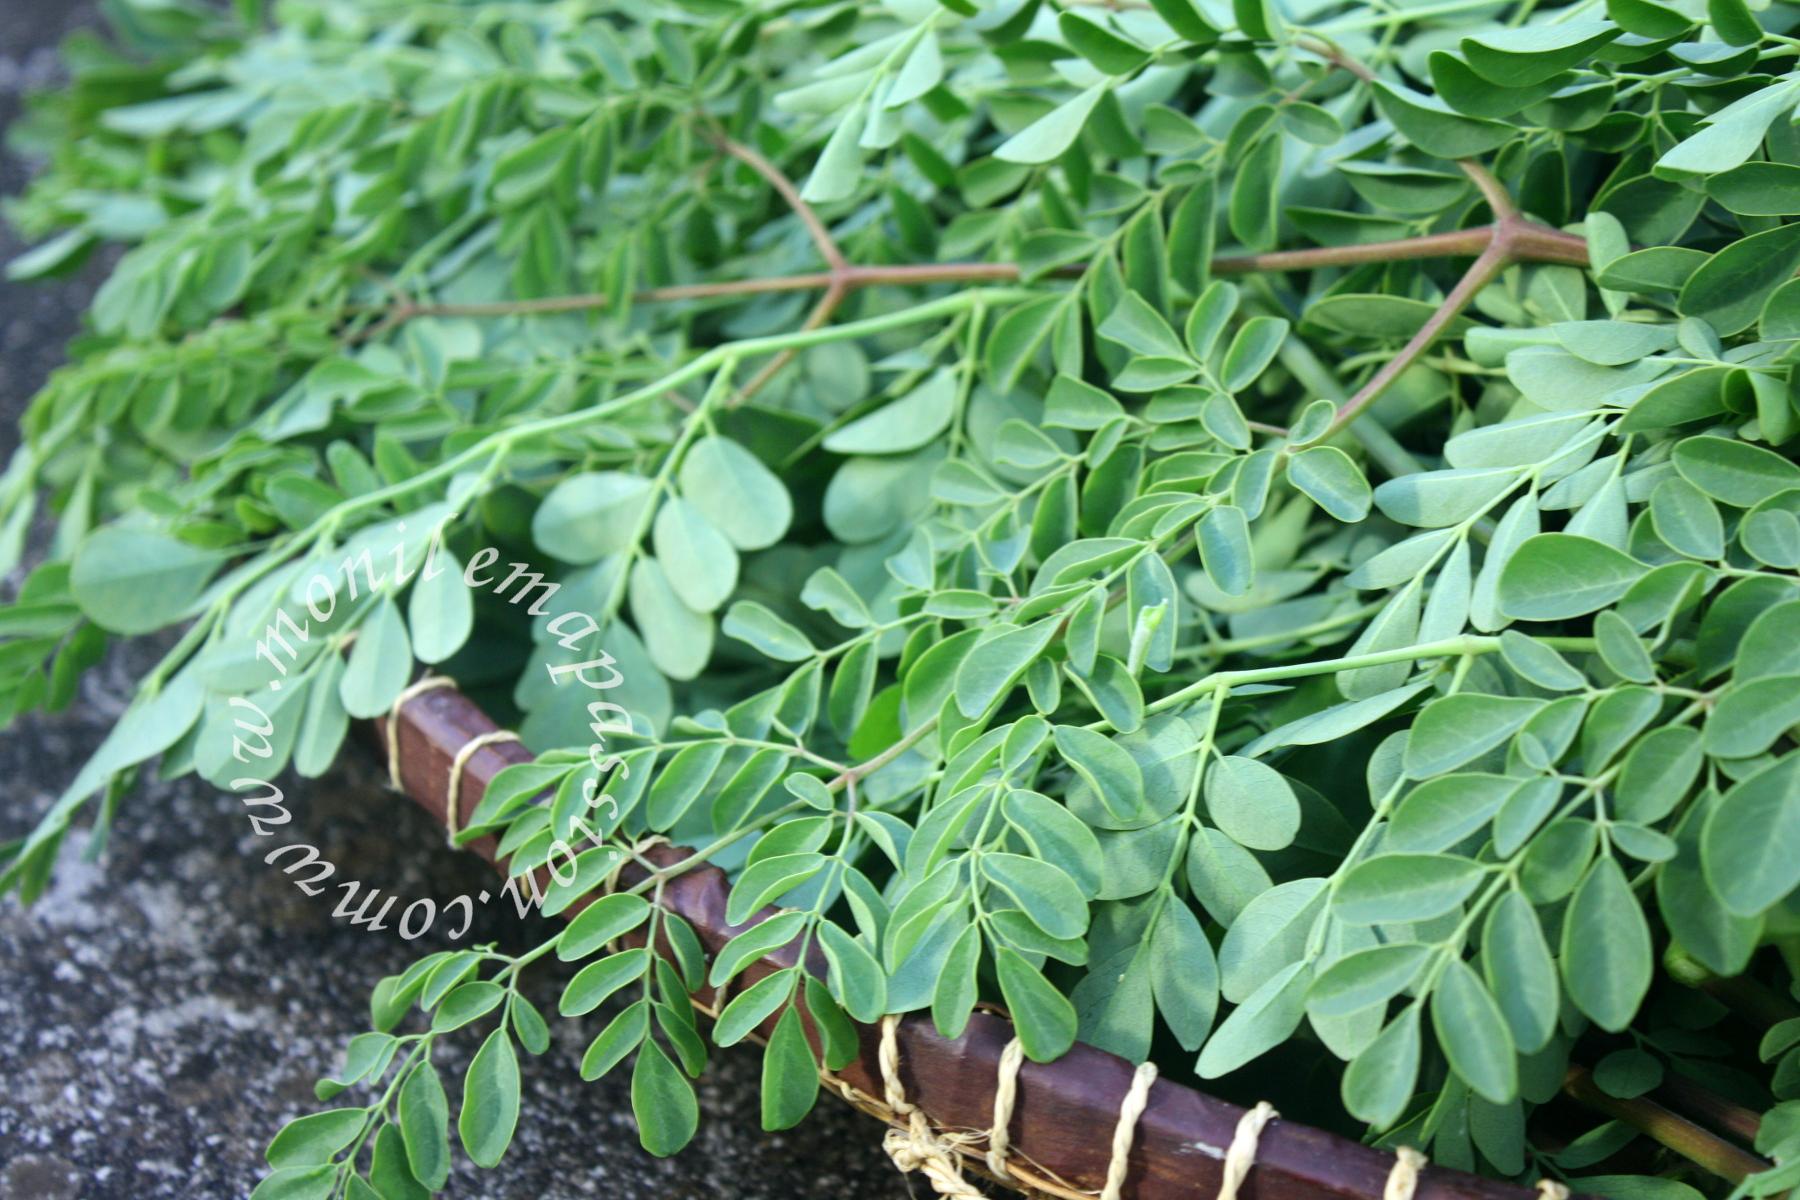 Bouillon de brèdes mourong - Moringa broth